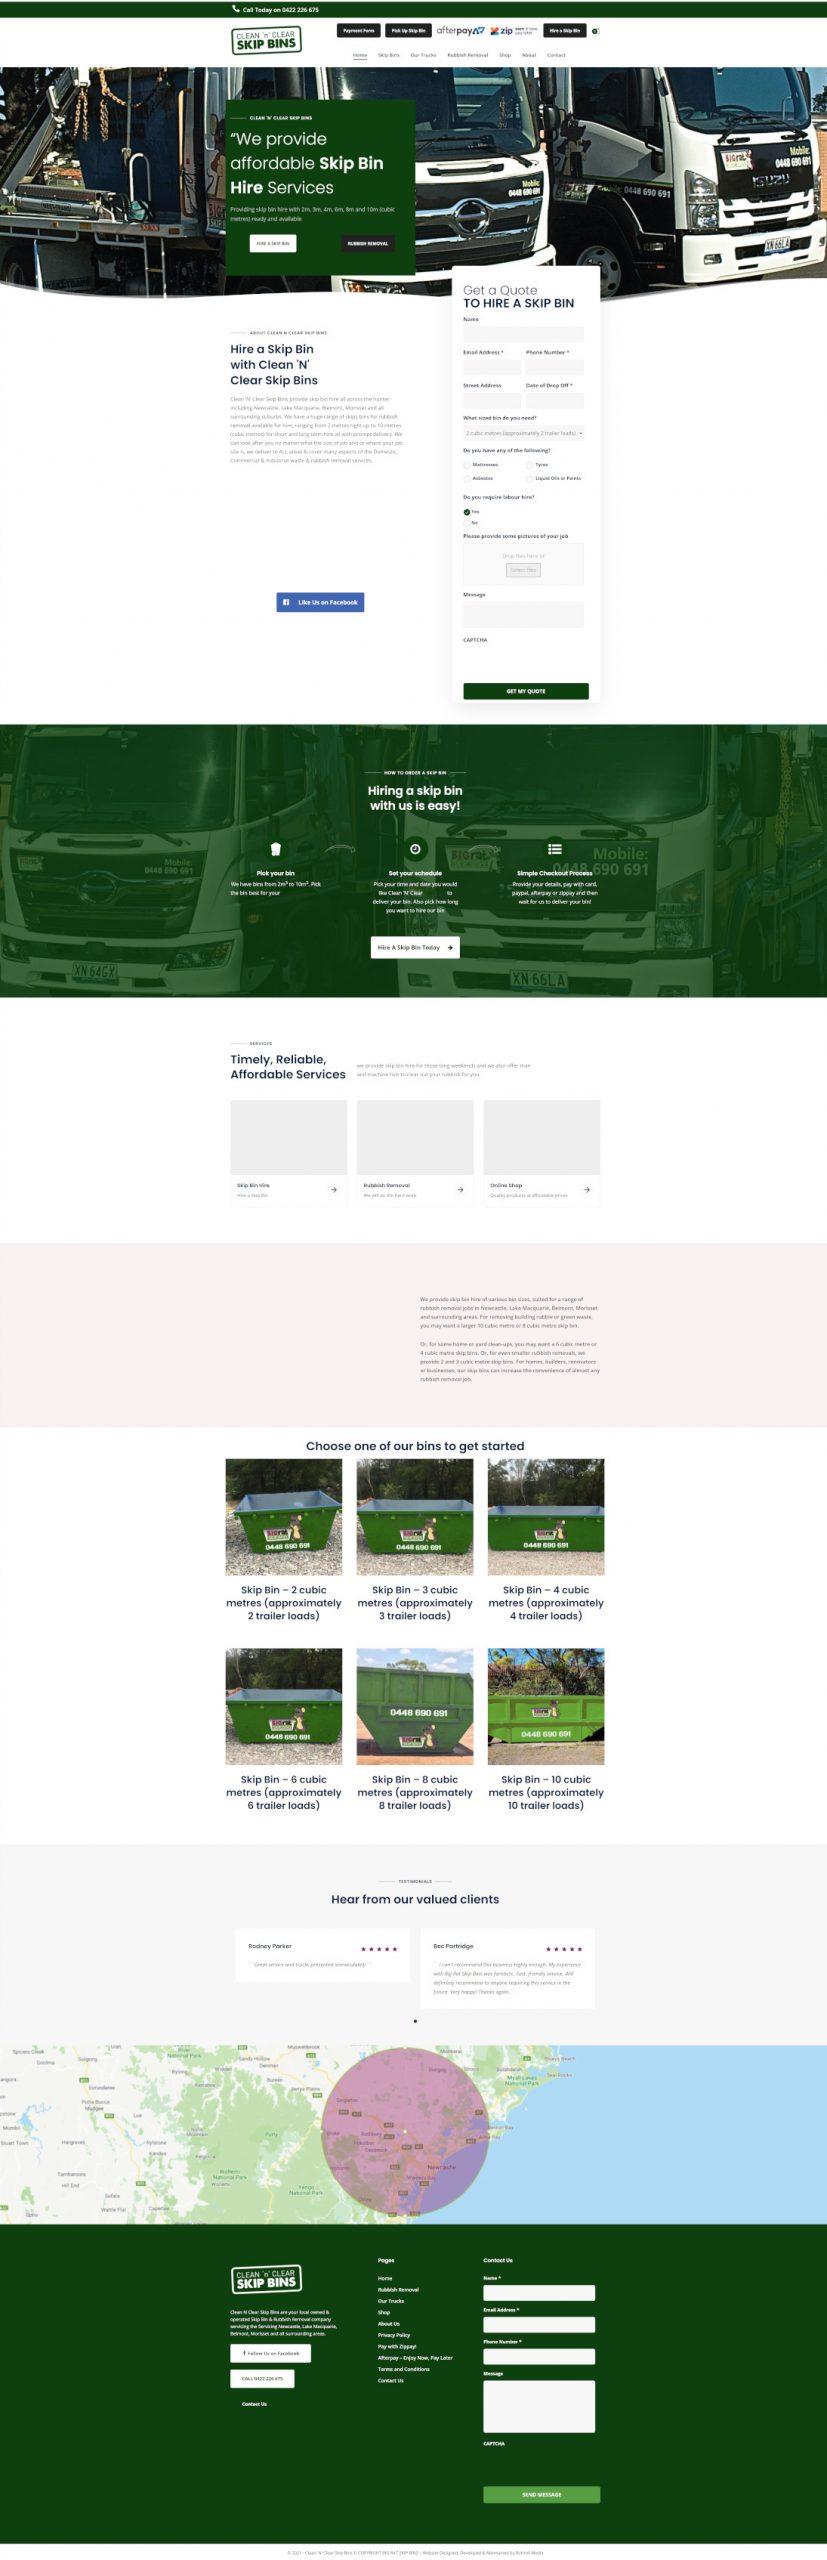 cleannclearskipbins full homepage